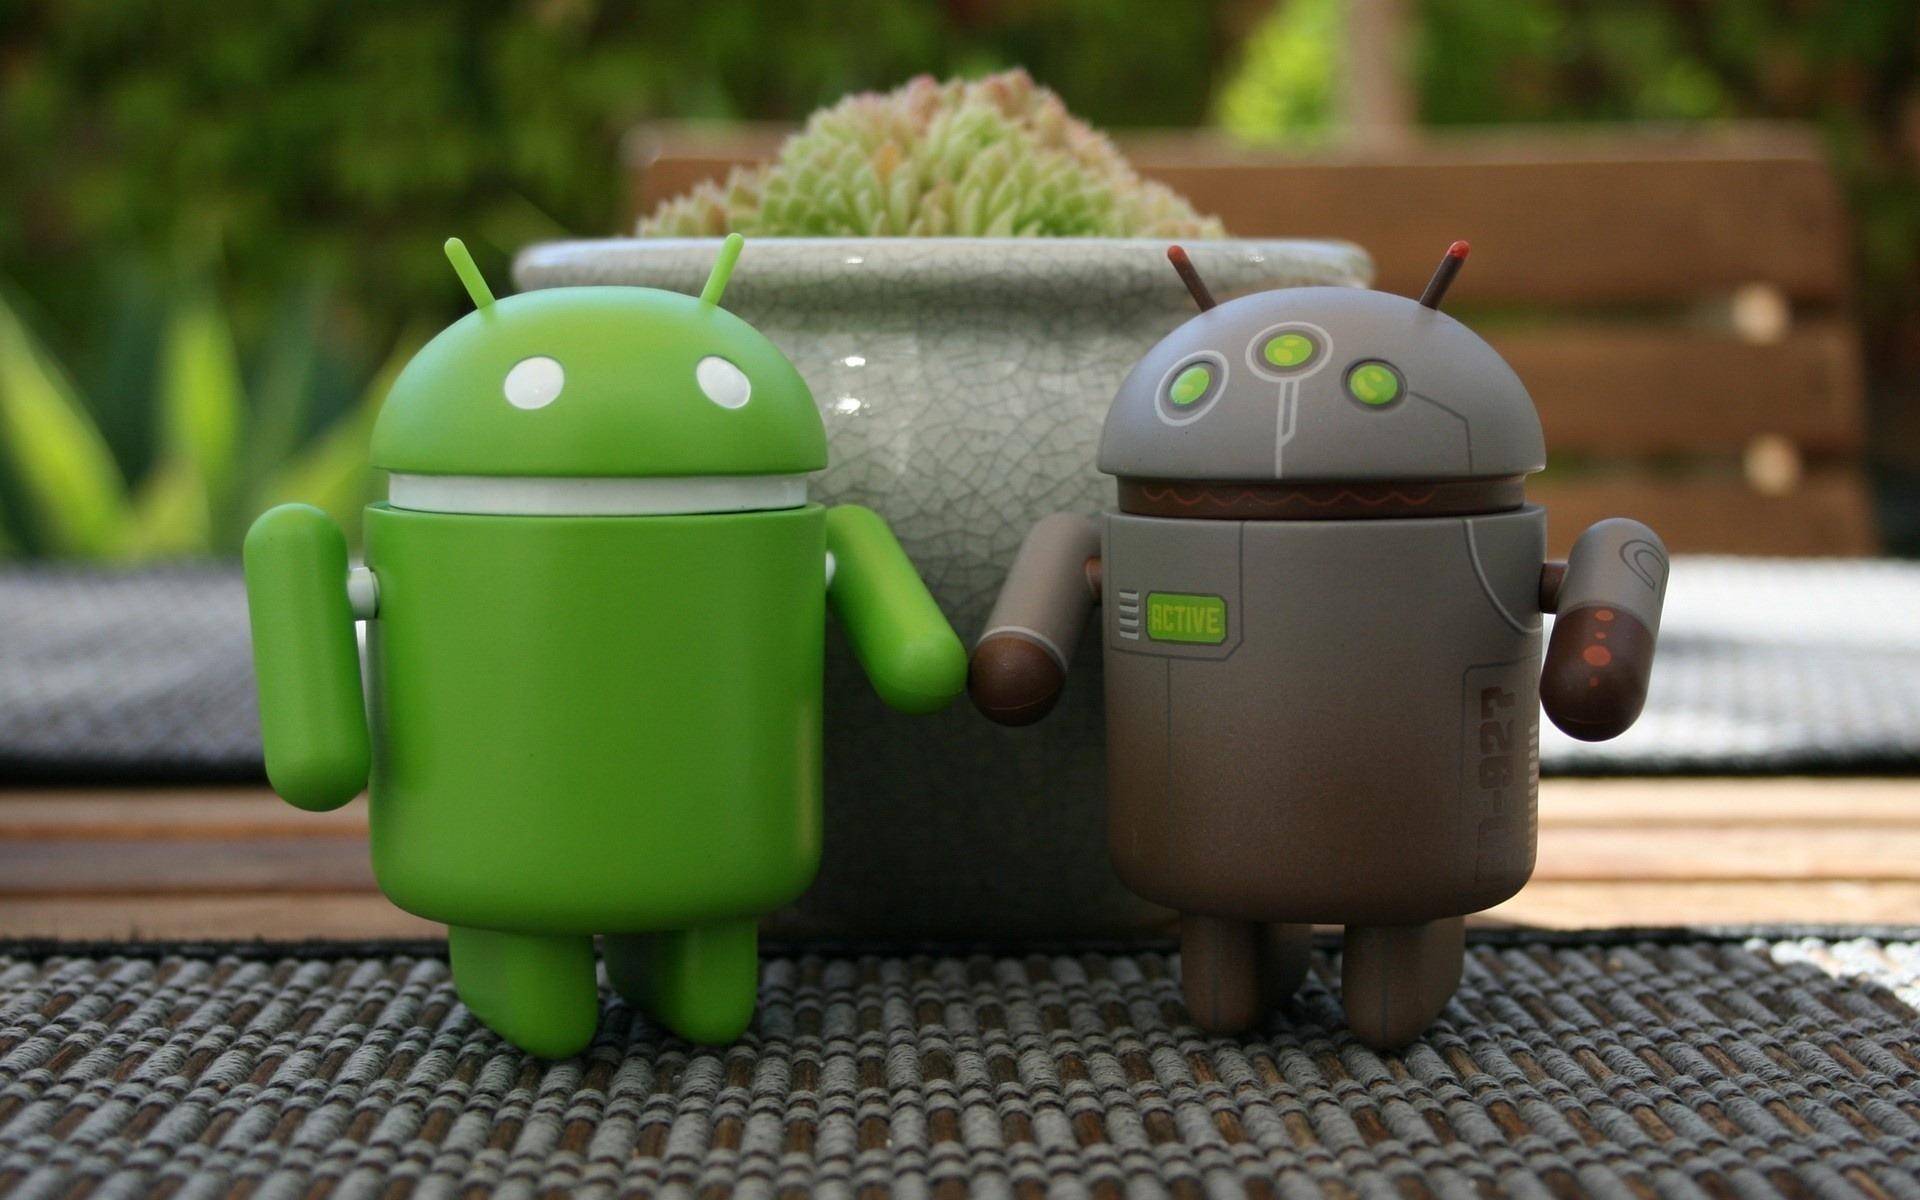 Android|Ya no habra más nombres de Dulces